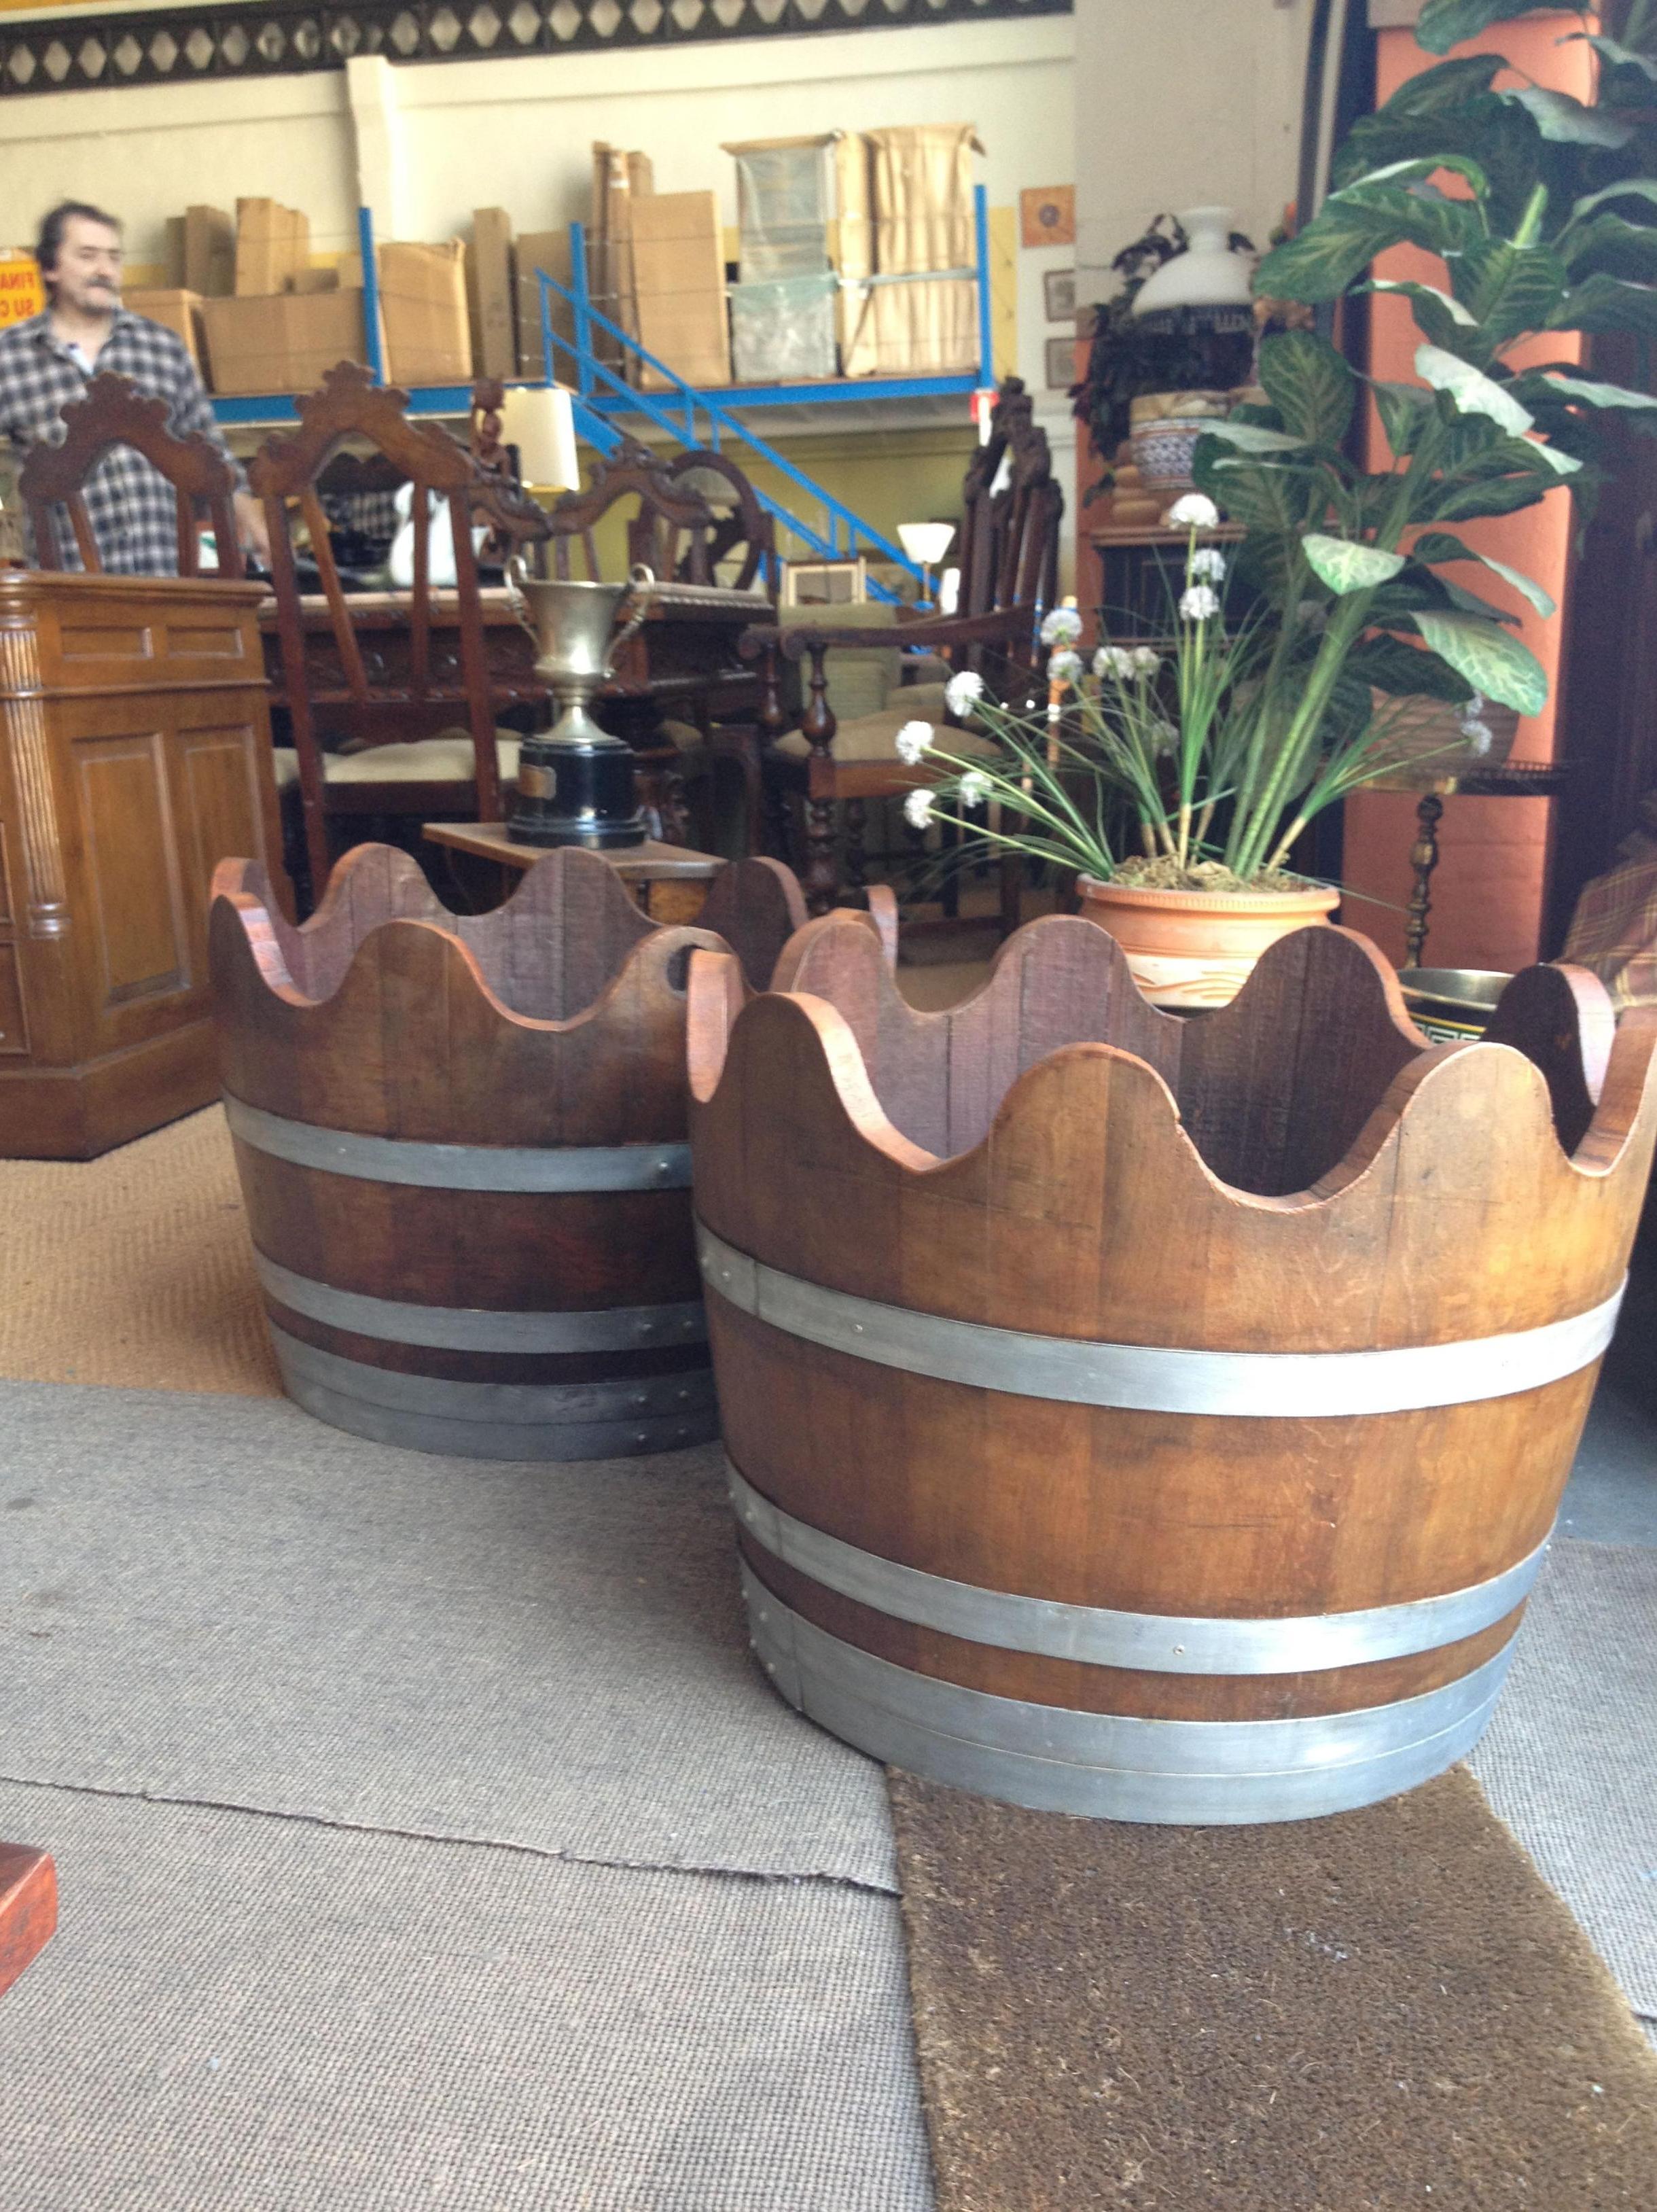 Muebles Segunda Mano Vizcaya Ffdn Muebles De Segunda Mano Muebles Nuevos Y Usados De Remar Vizcaya